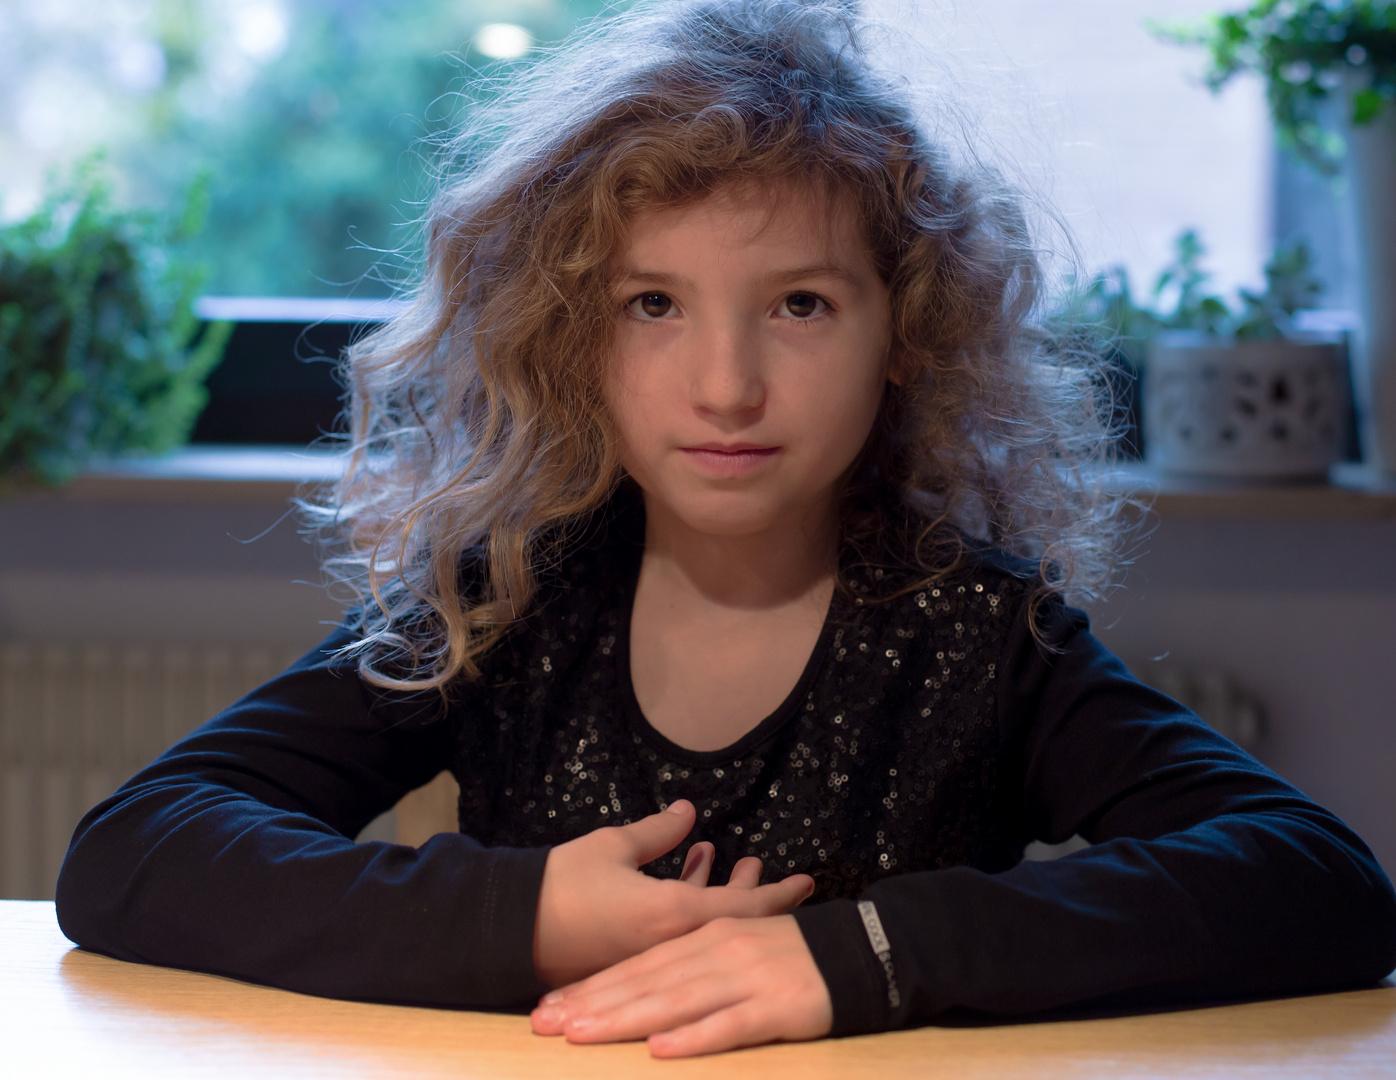 Nathie 2